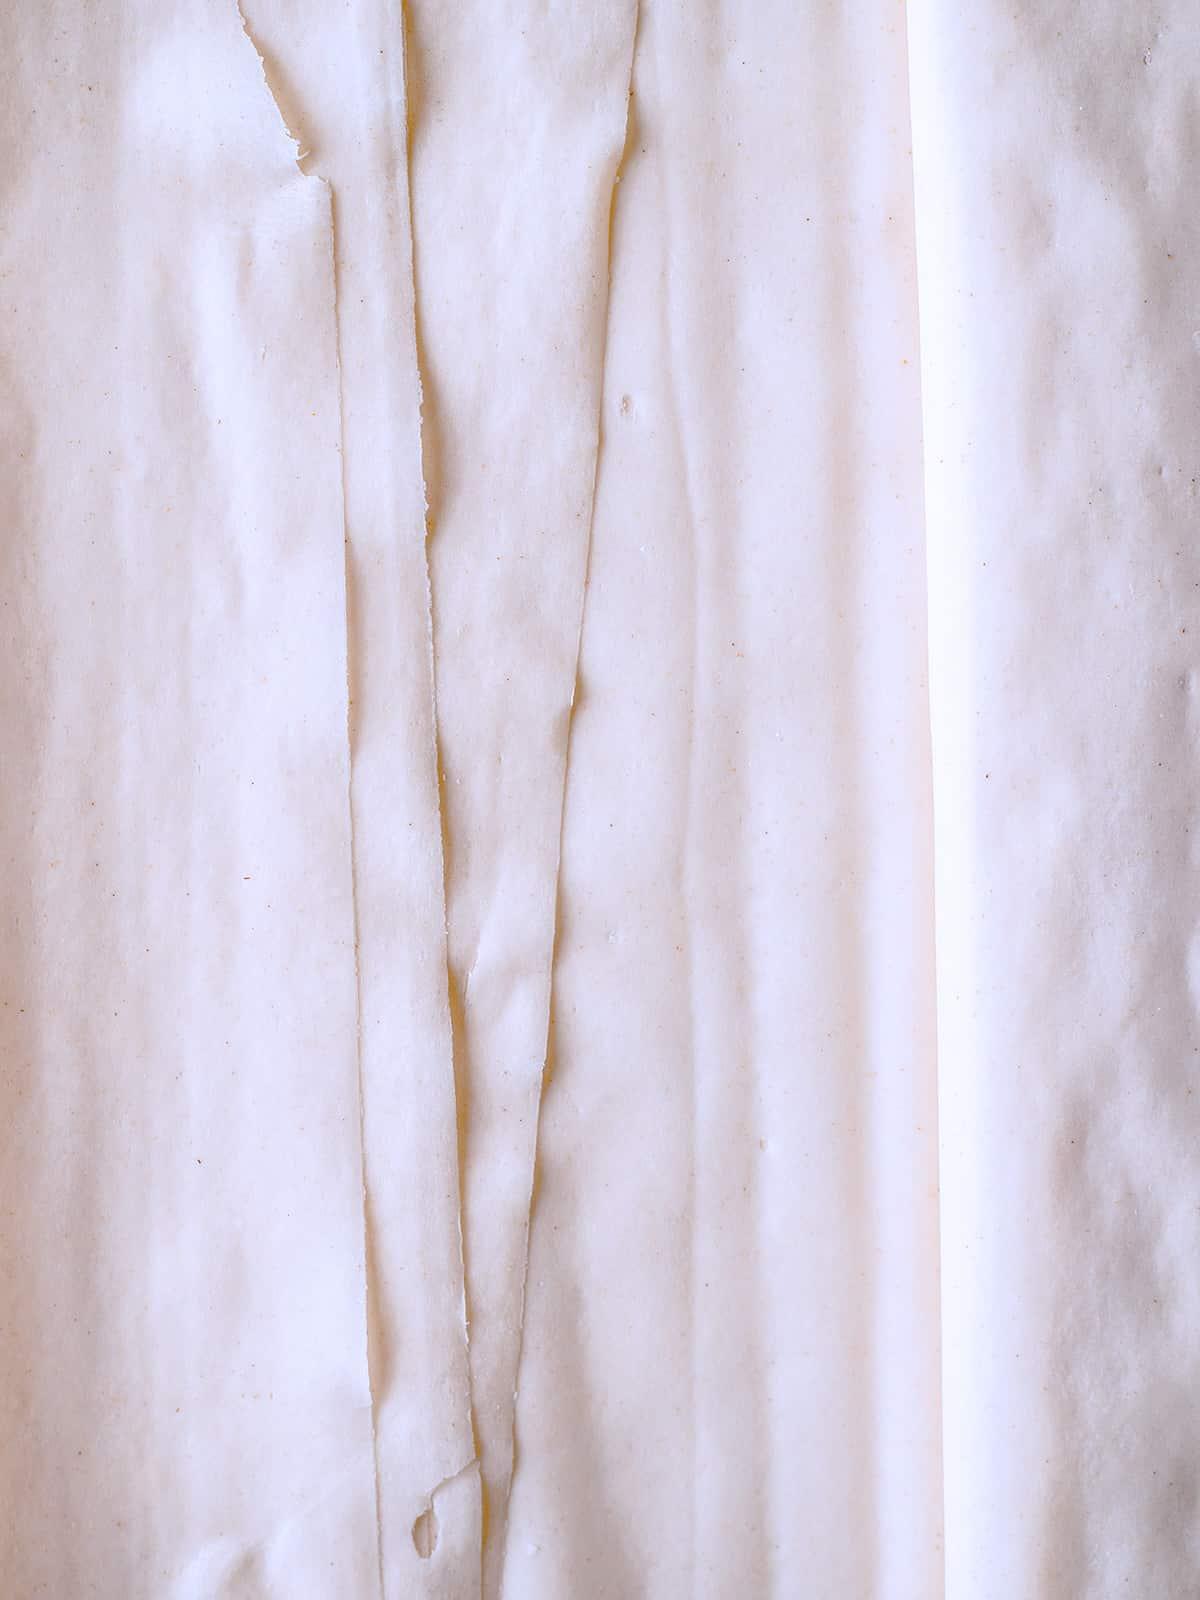 Phyllo sheets.